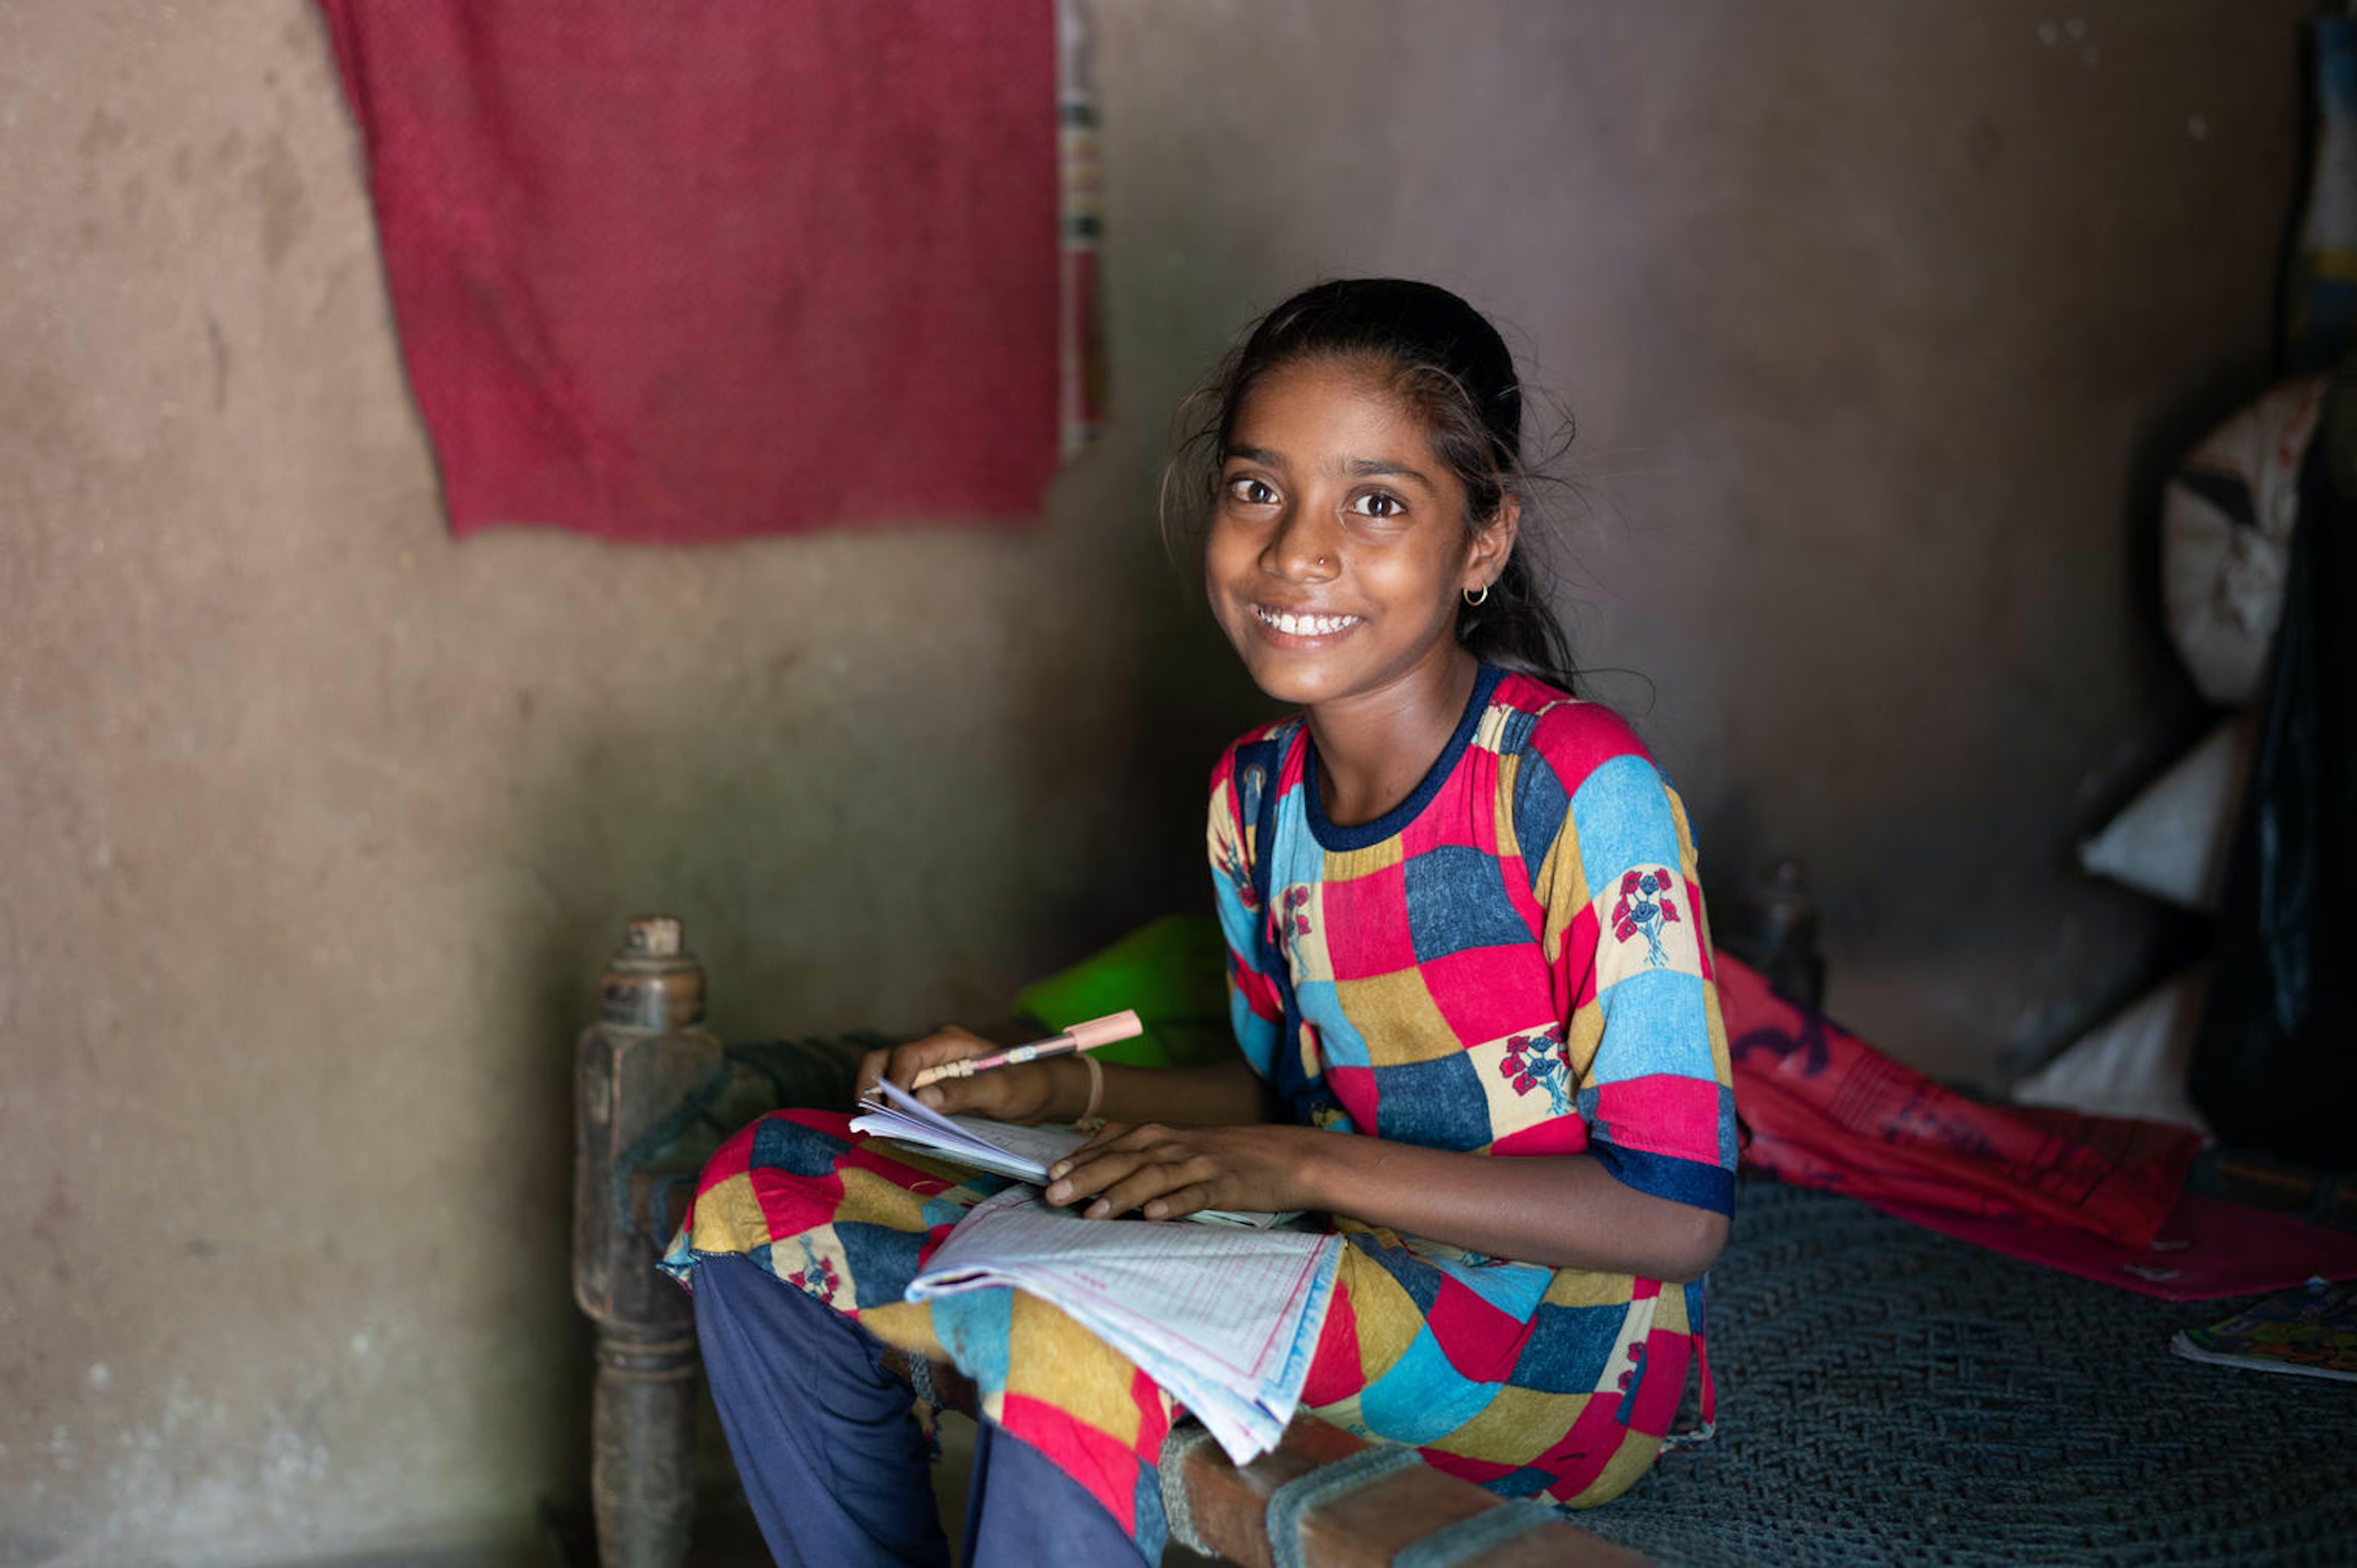 India, una bambina fa i compiti. Segue un progetto istruzione UNICEF